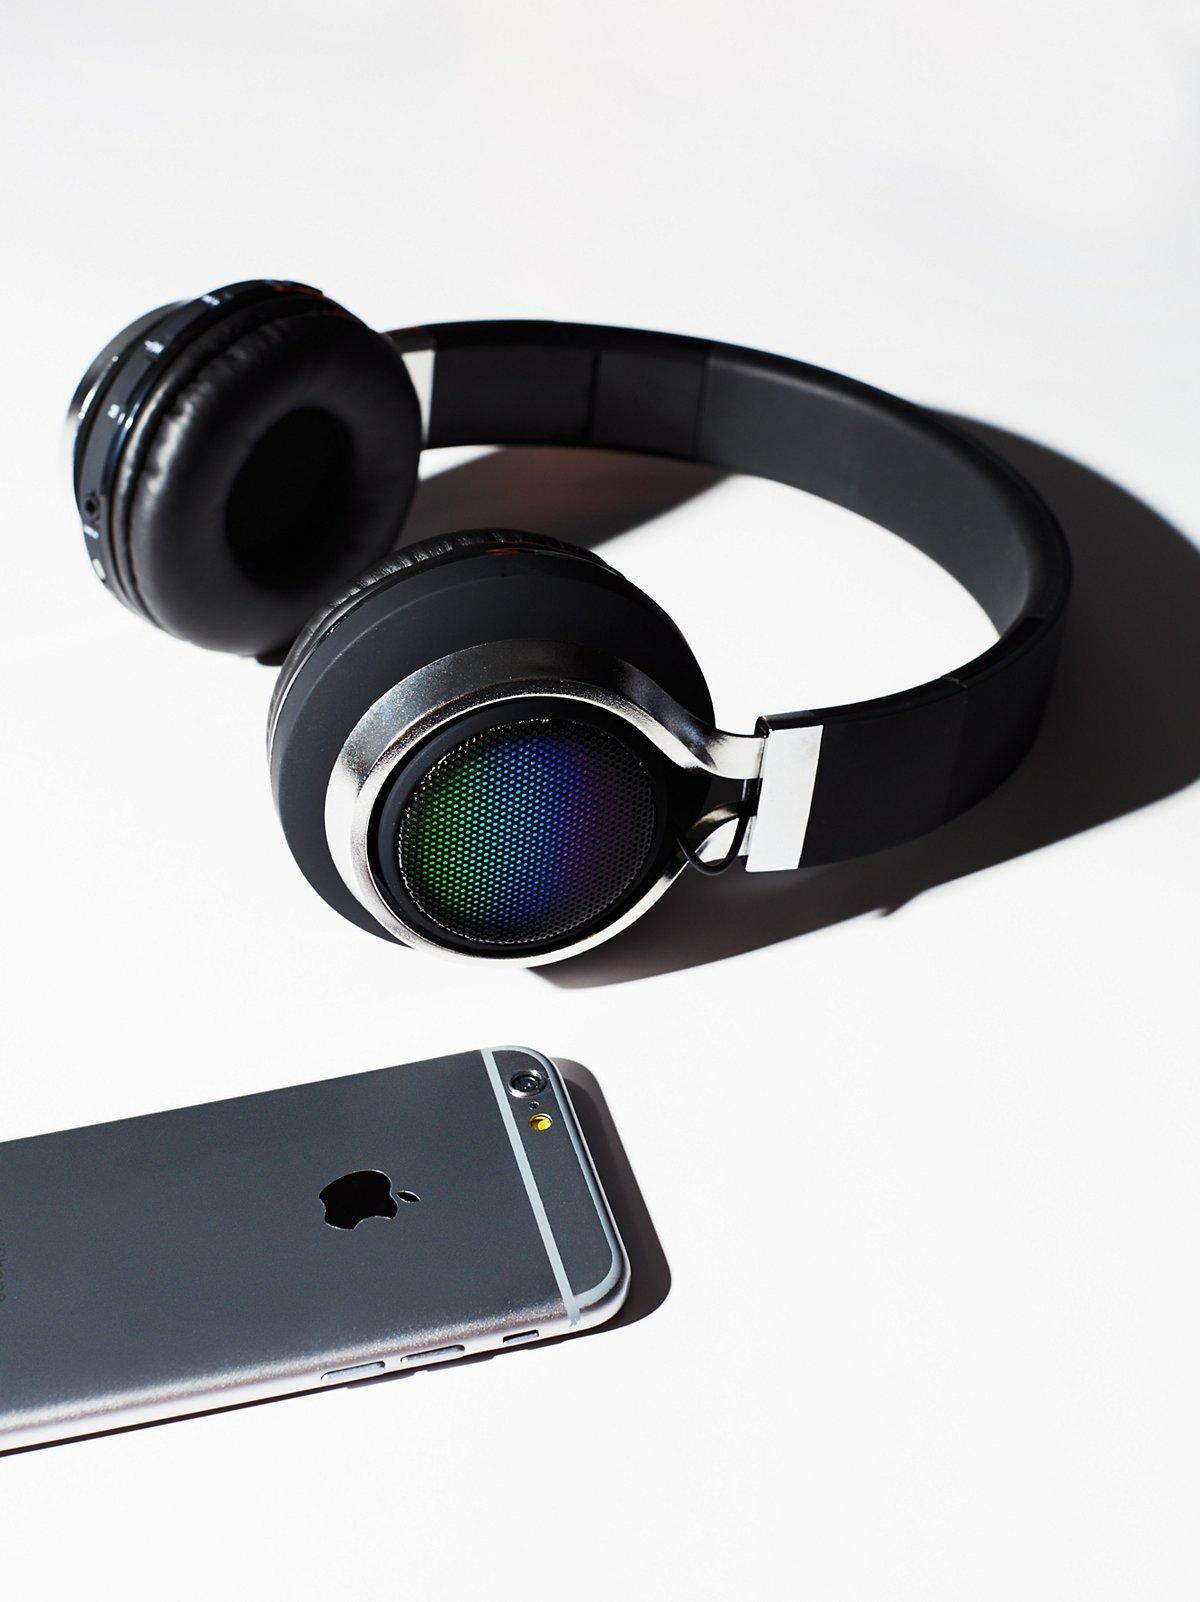 Lightz LED Bluetooth Headphones